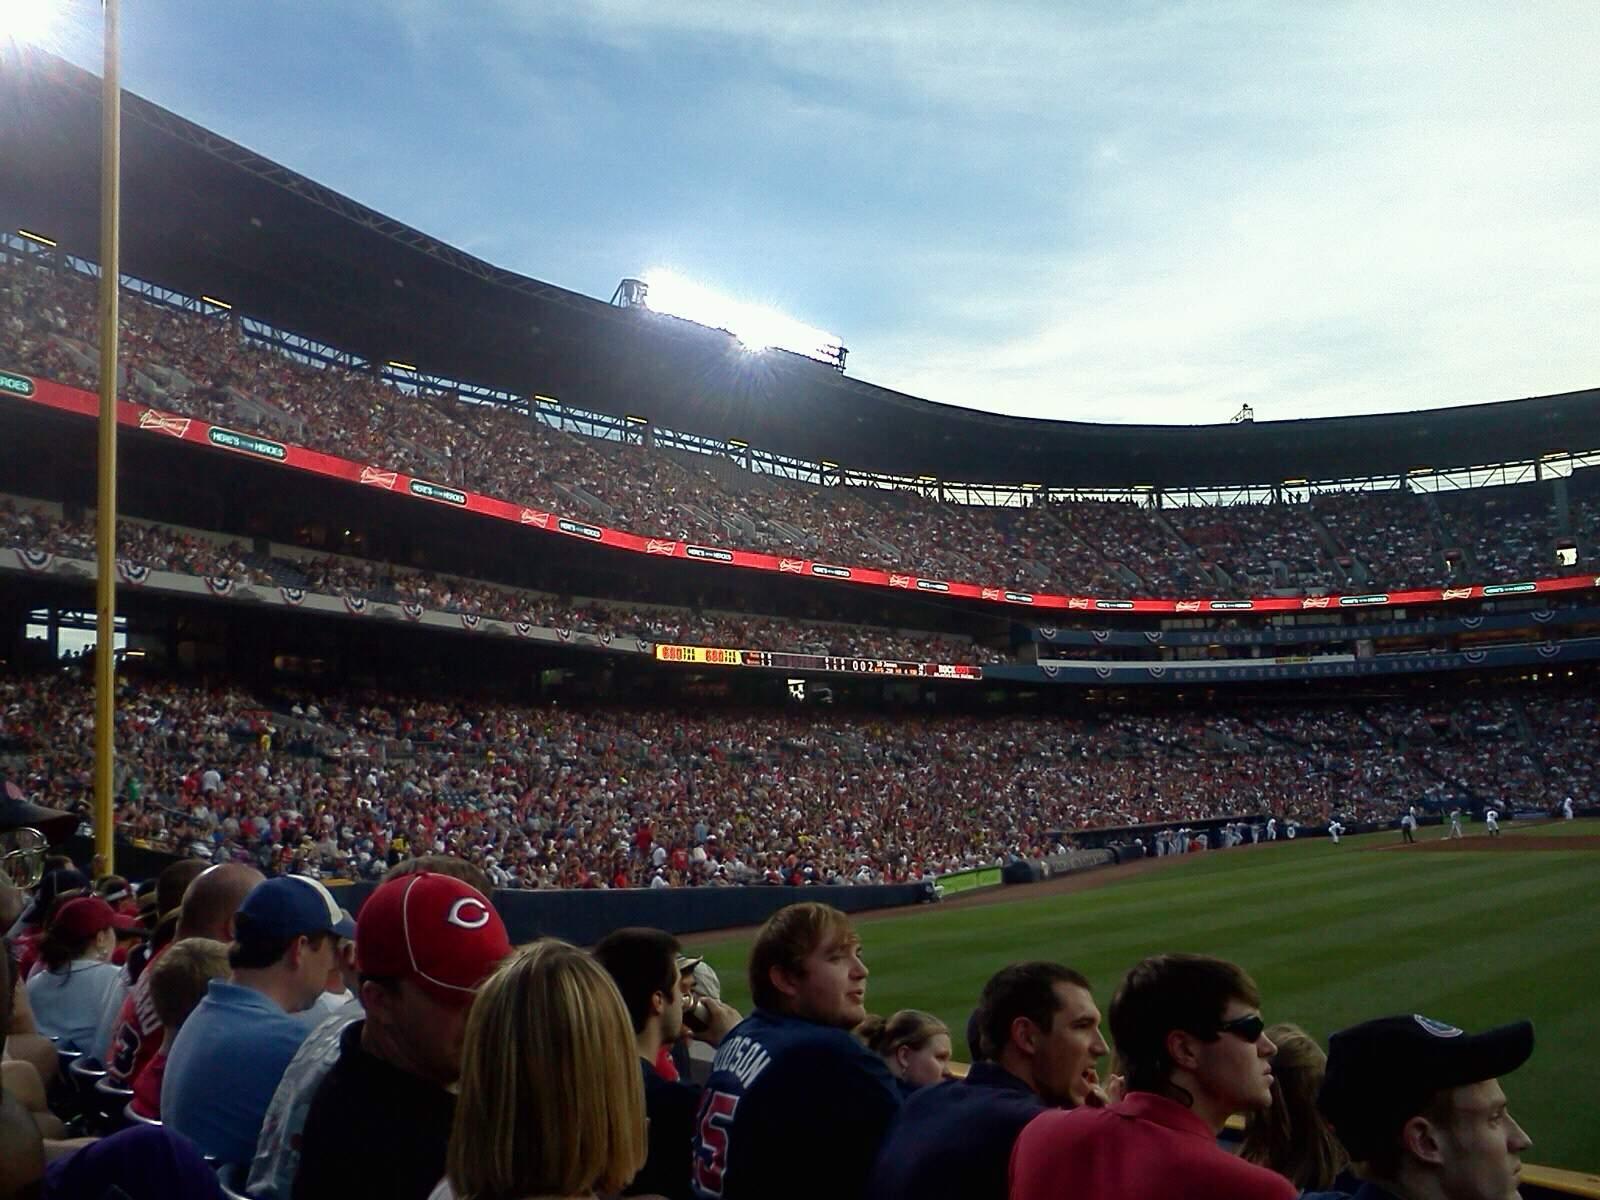 Turner Field